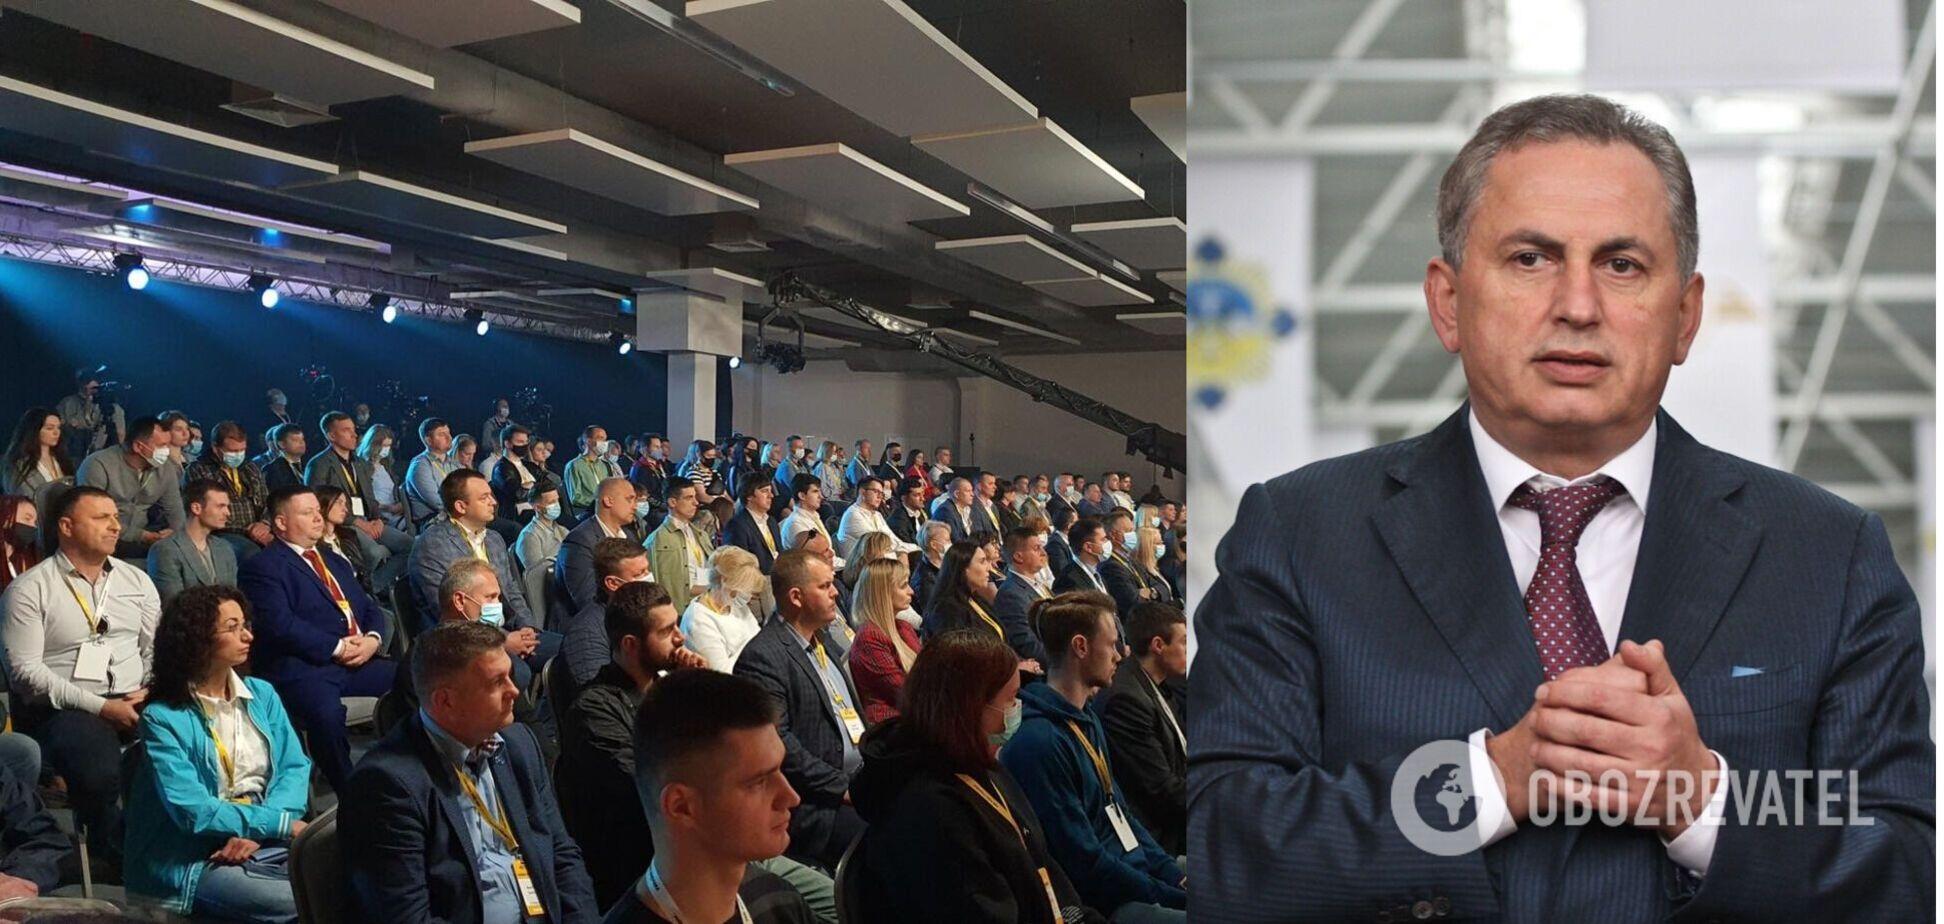 На съезде присутствовали более 200 представителей со всех областей Украины